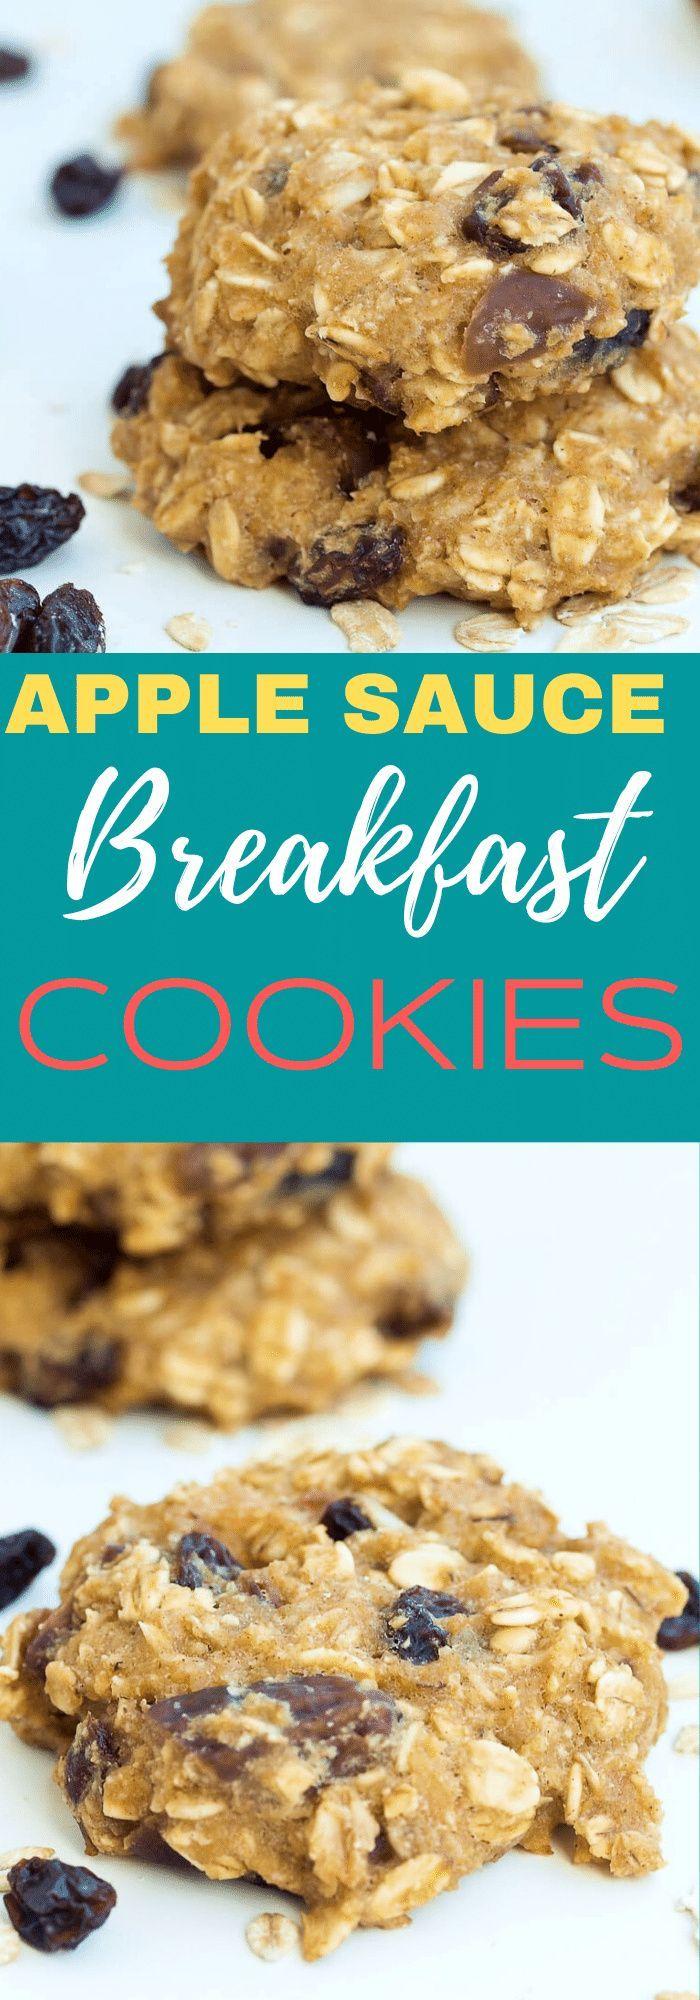 Applesauce Breakfast Cookies In 2020 Breakfast Cookies Healthy Cookies Healthy Cookies For Kids